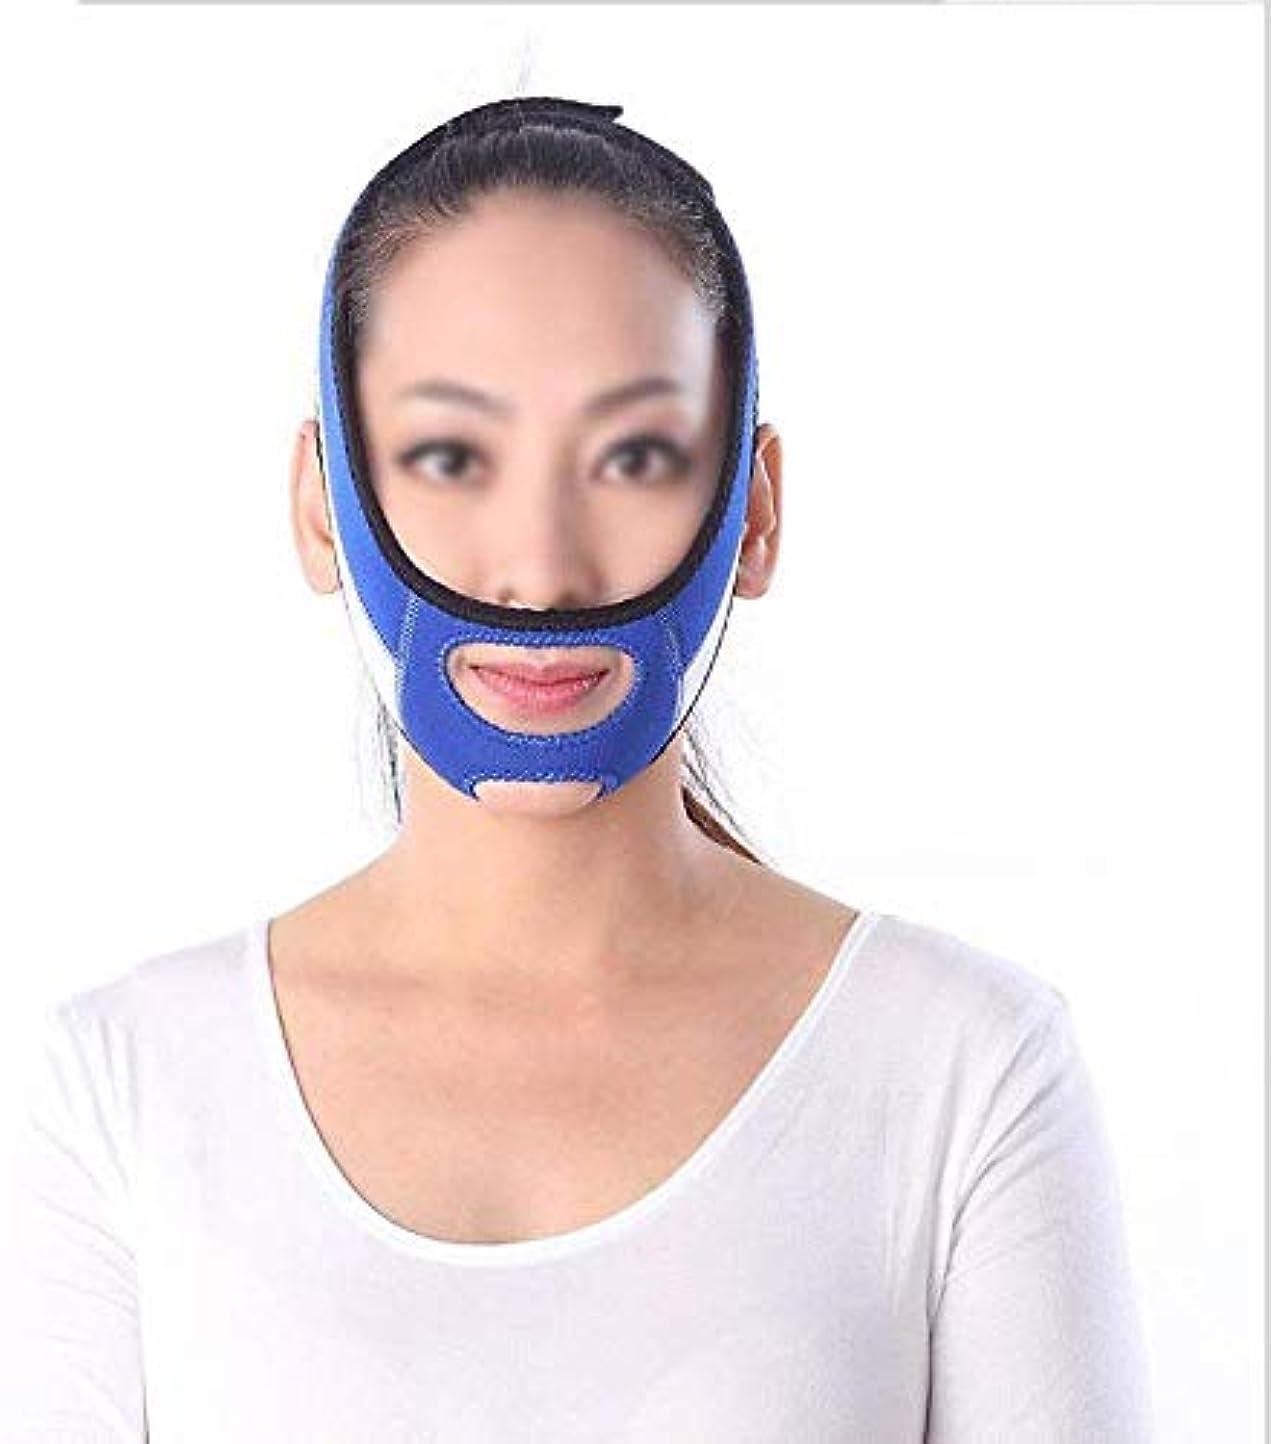 愛されし者ソファー政令美容と実用的なフェイスリフティングマスク、リフティングローパターン包帯ラインカービングリペアツールフェイスリフティングアーティファクトファーミングスキンスモールVフェイスバンド